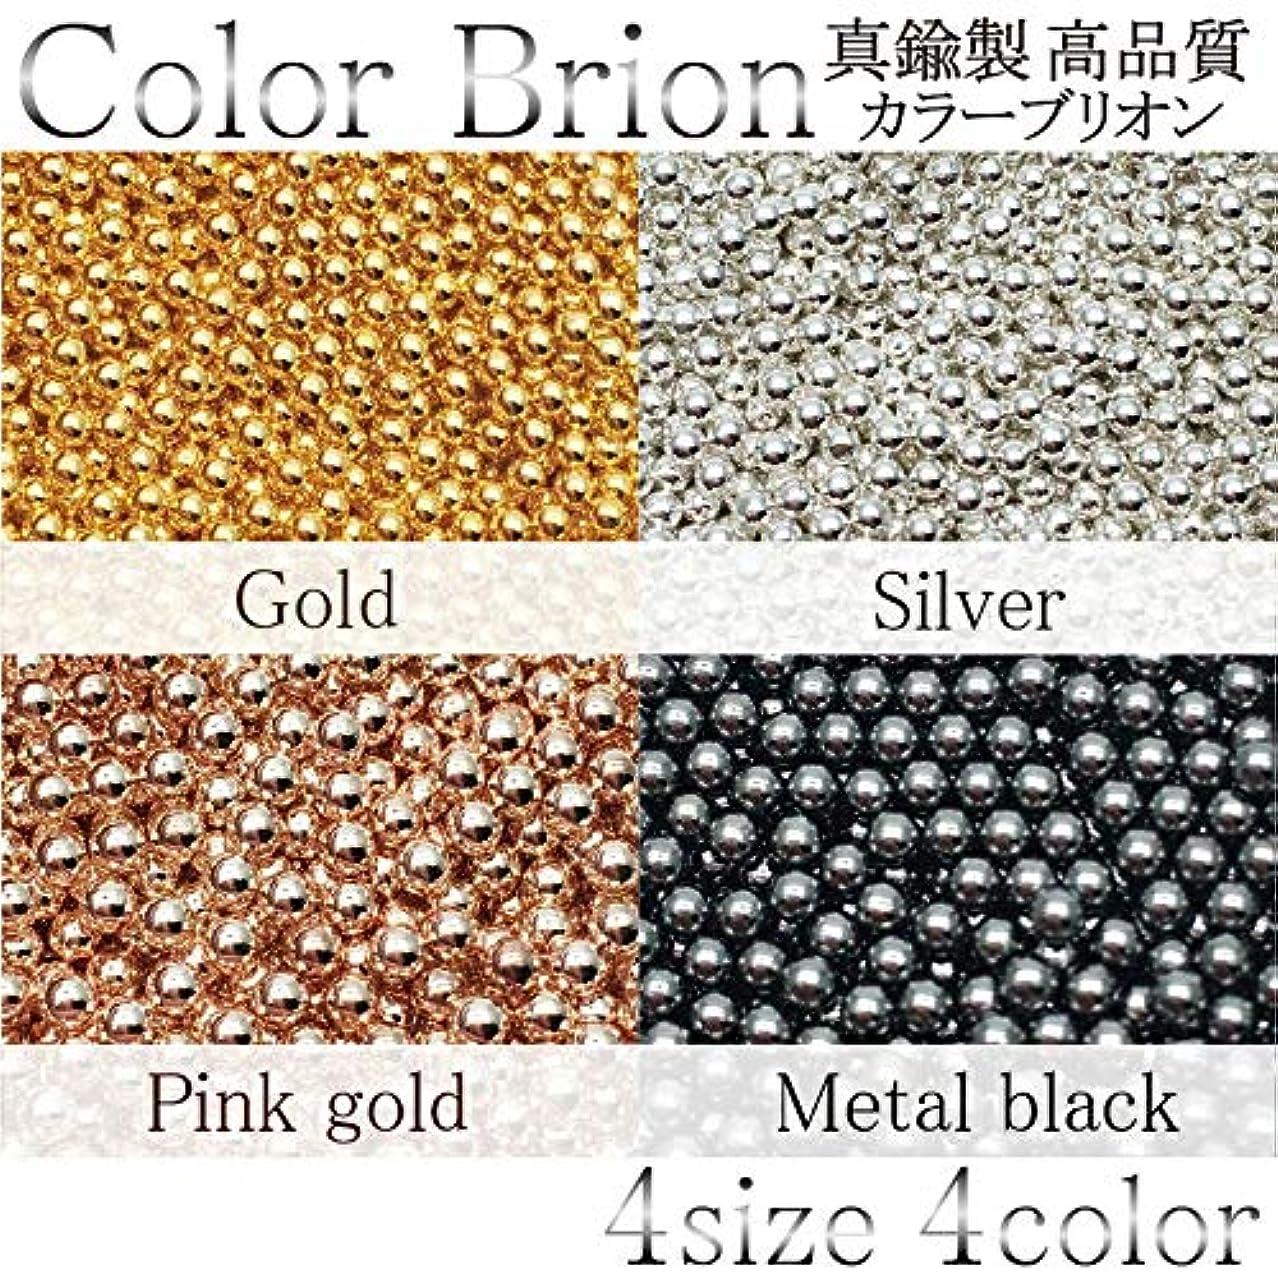 山岳ドロー雑草真鍮製 高品質 カラーブリオン 各種 4色 (約2mm(約5g), 3.ピンクゴールド)